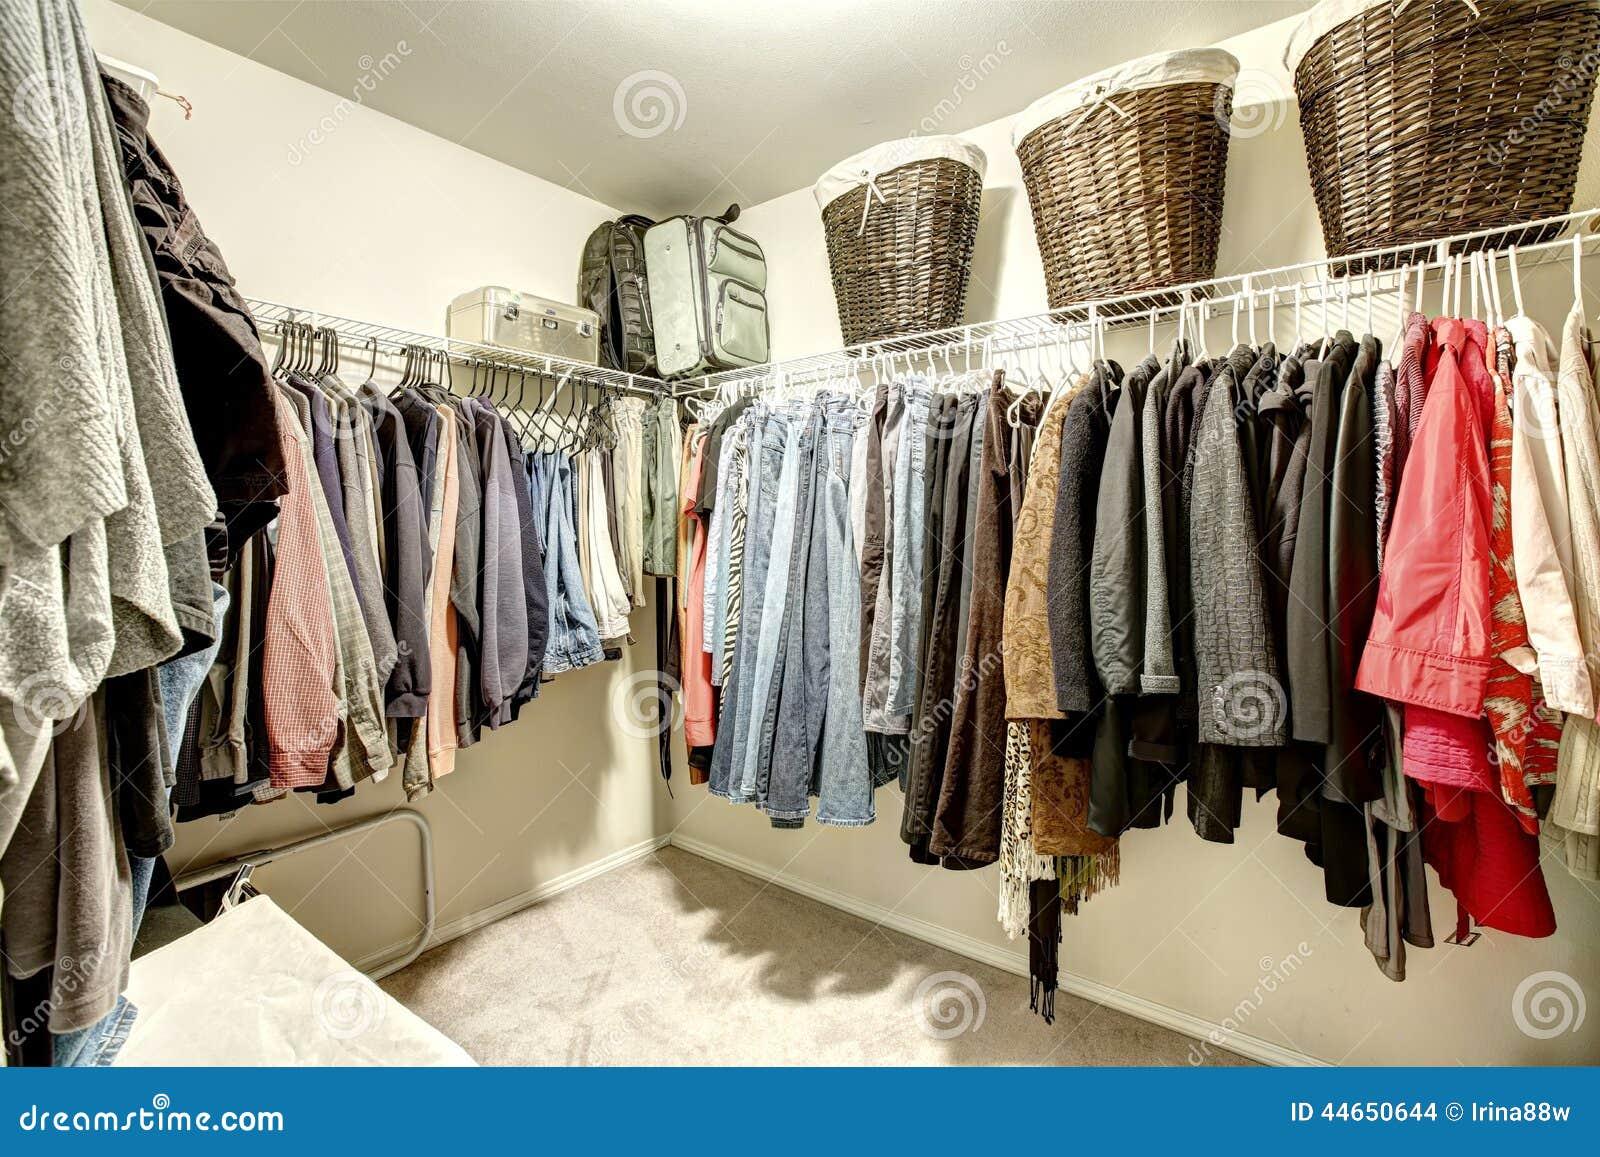 begehbarer schrank mit kleidung stockfoto bild 44650644. Black Bedroom Furniture Sets. Home Design Ideas